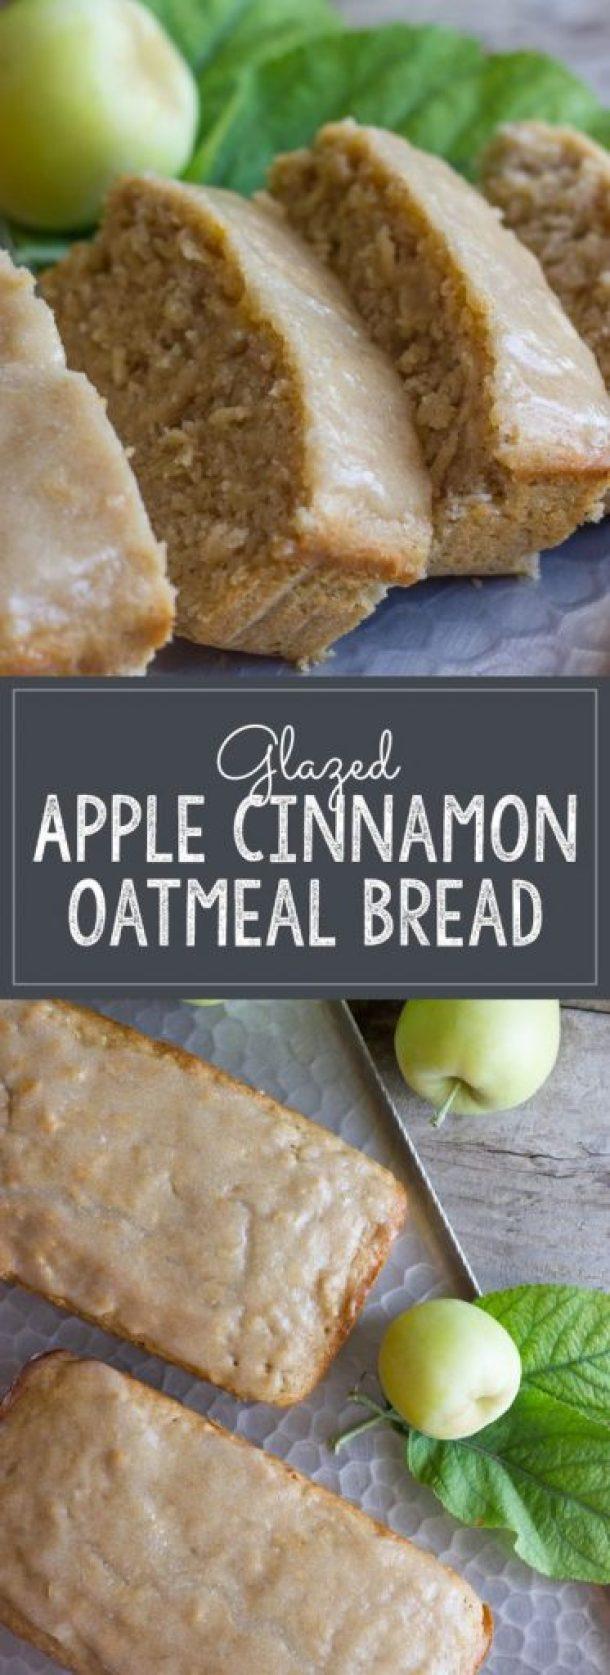 Glazed Apple Cinnamon Oatmeal Bread Recipe | Lovely Little Kitchen - Apple Recipes